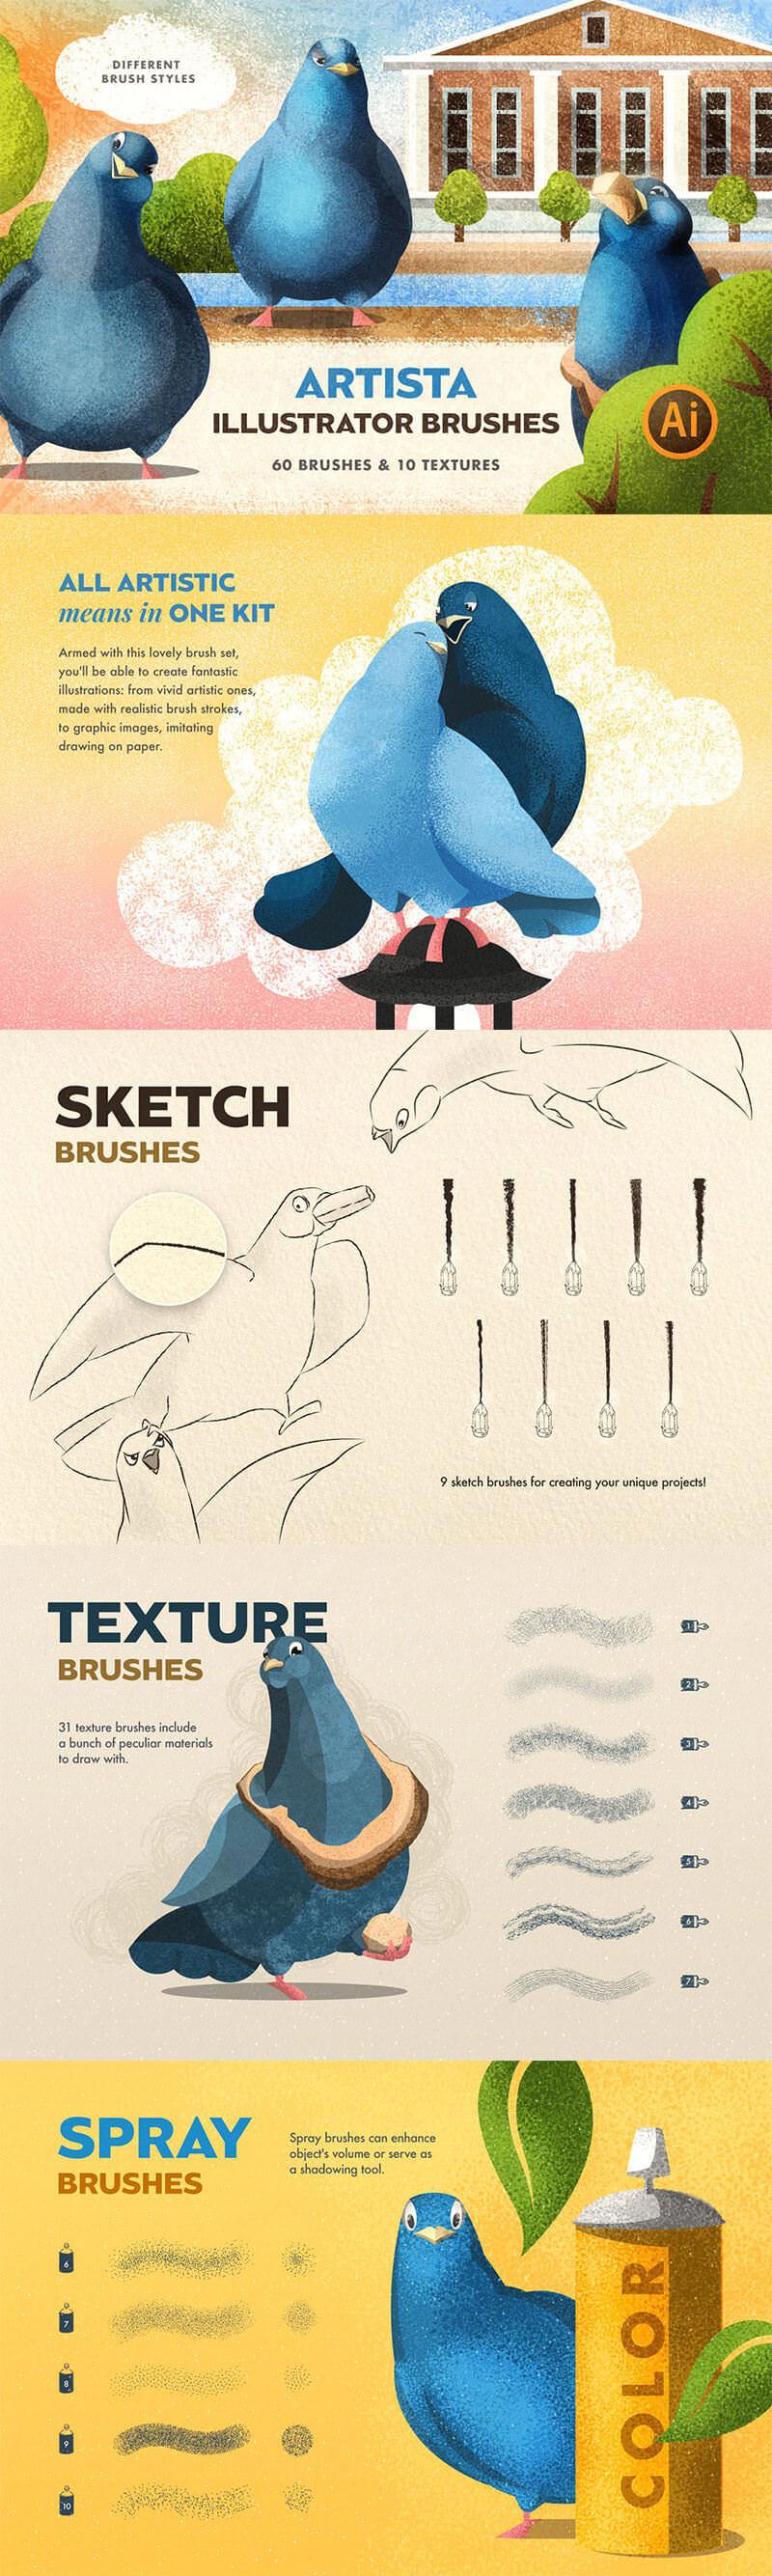 1-illustrator-brushes